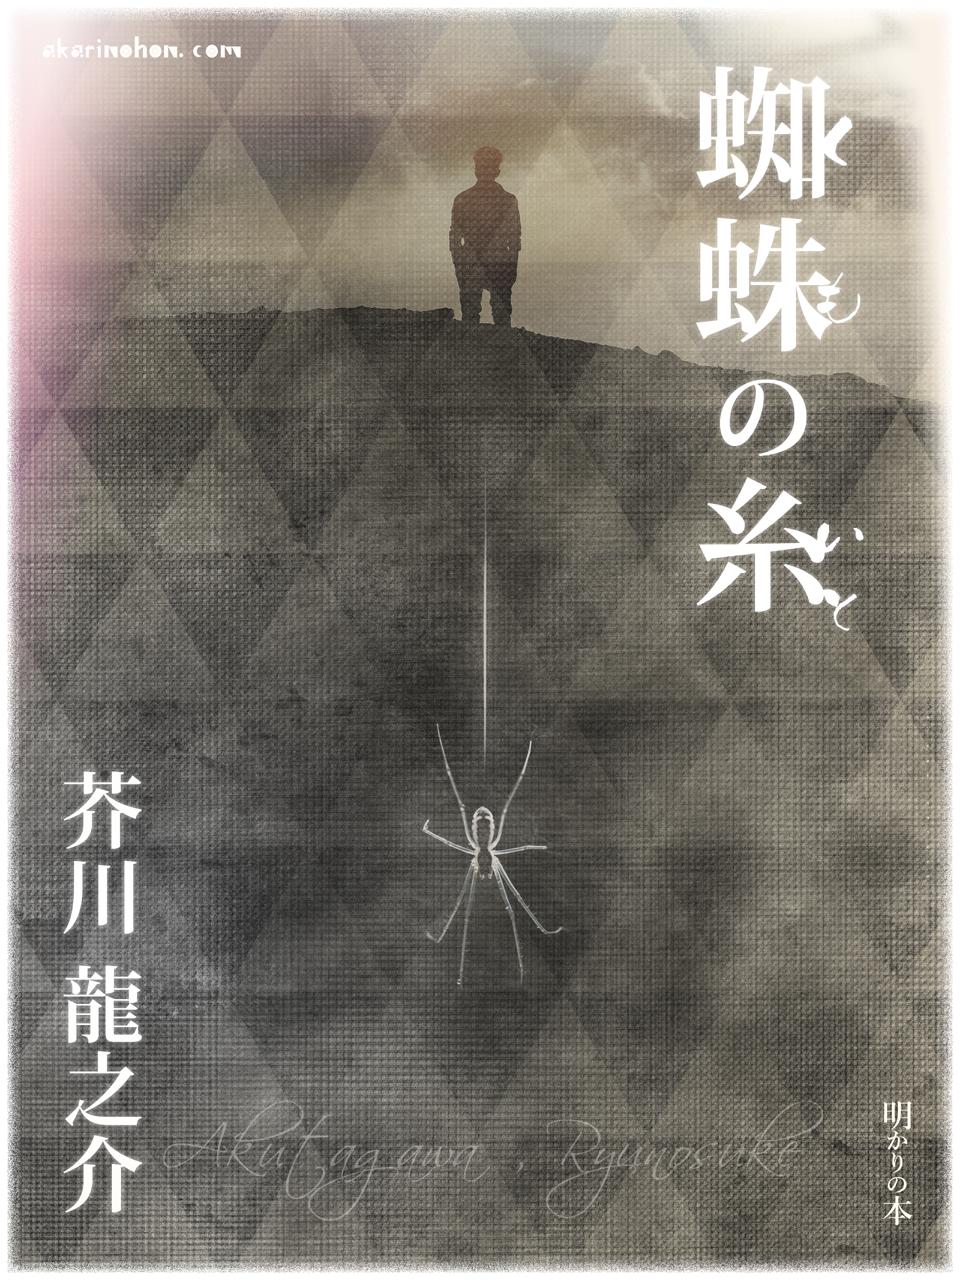 0000 - 蜘蛛の糸 芥川龍之介